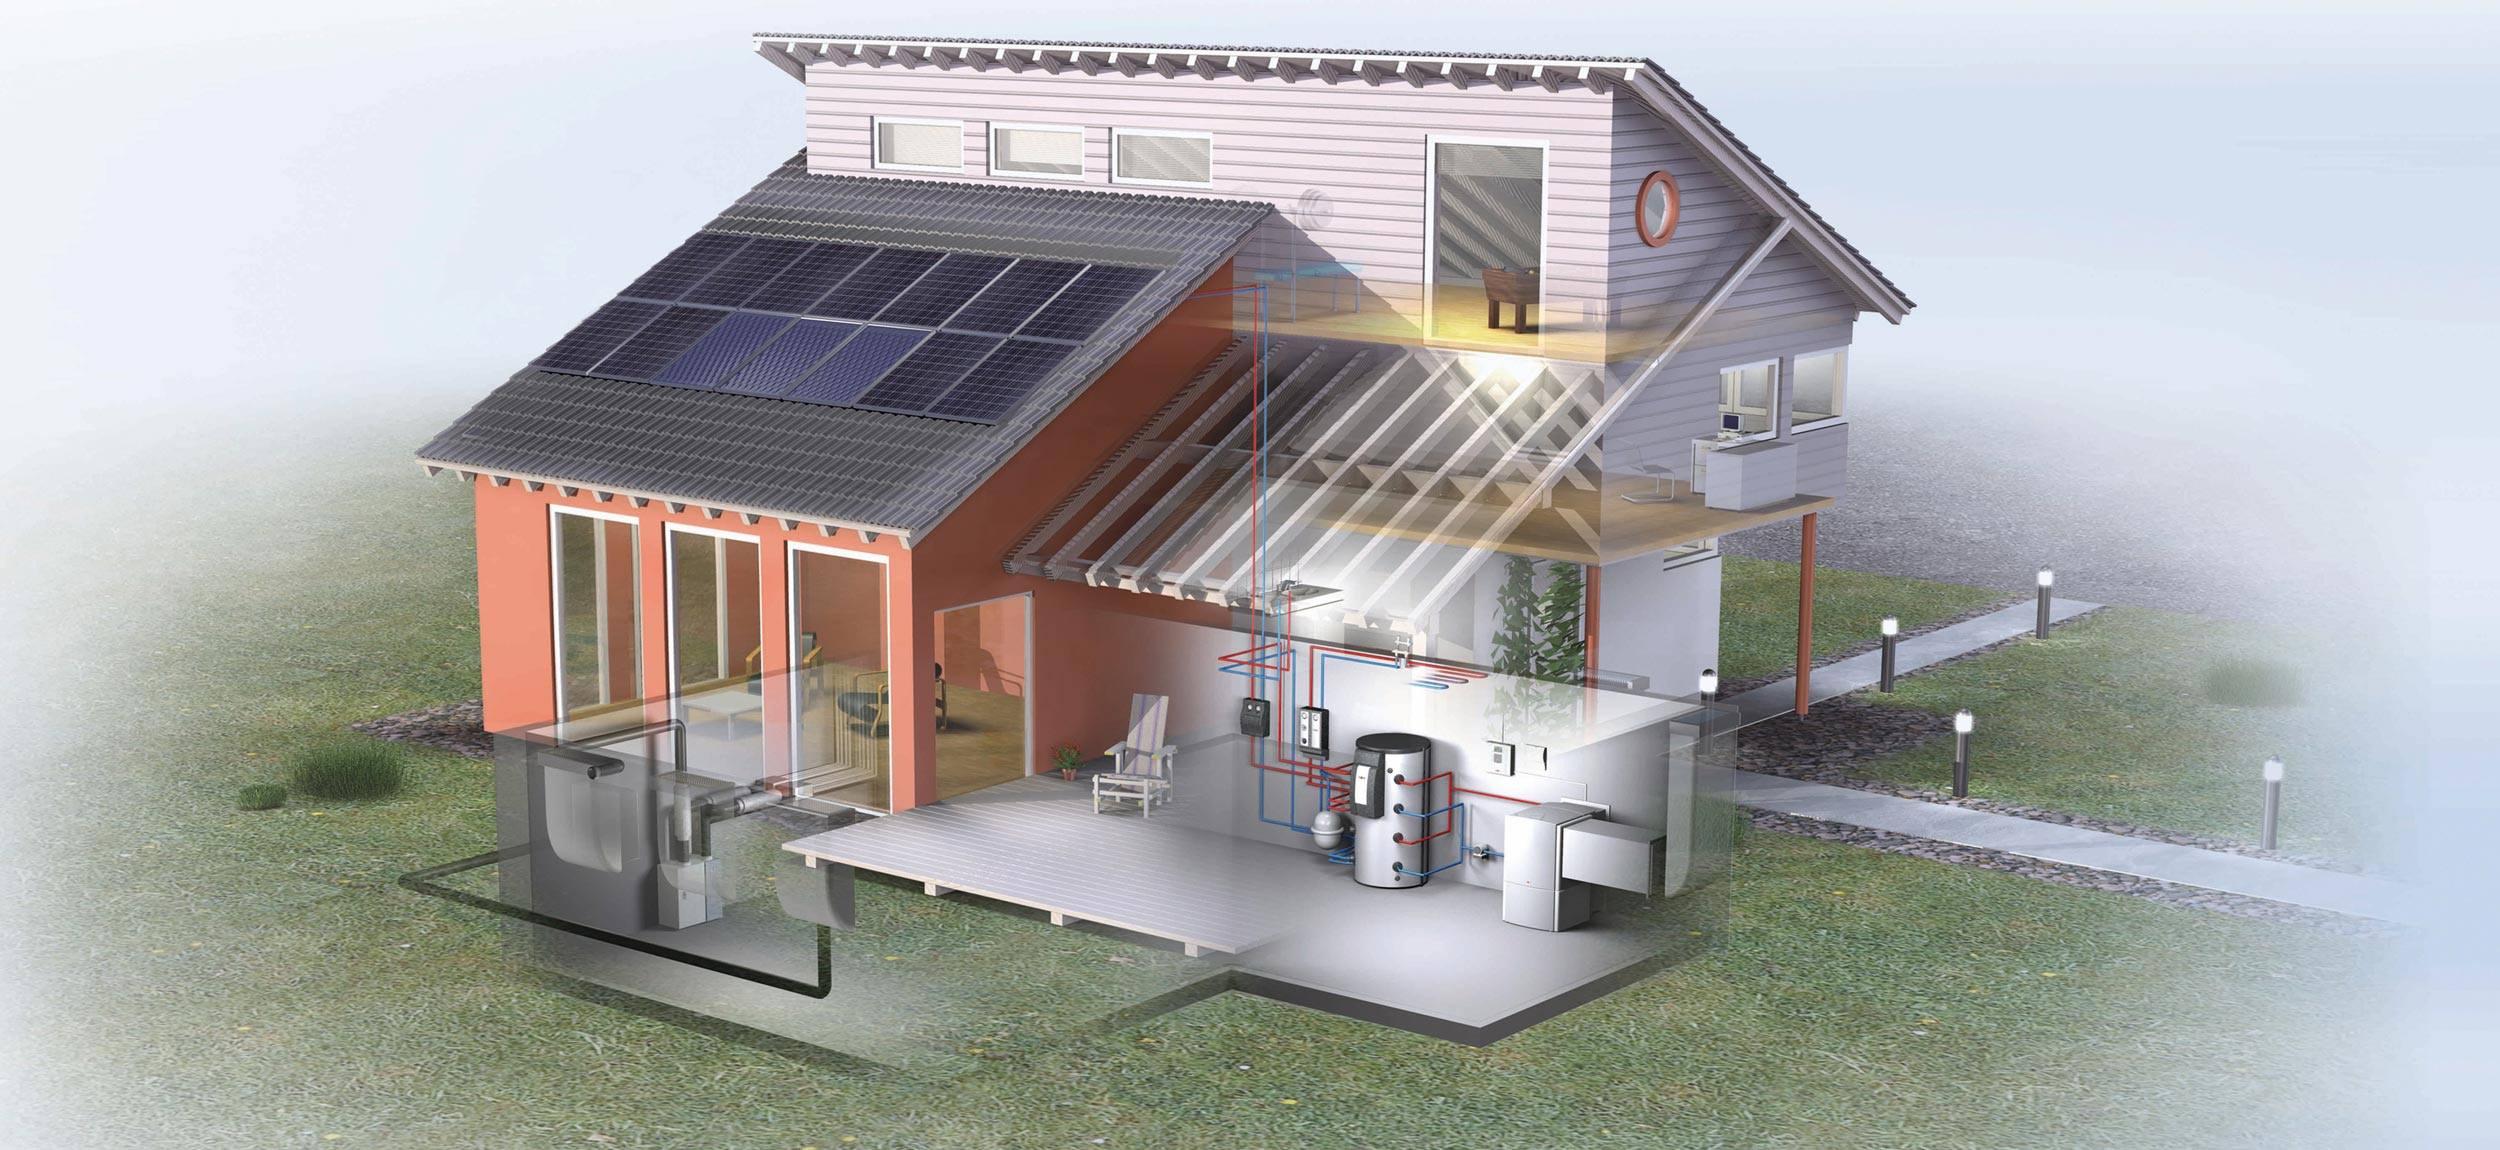 Rekuperační systémy pro rodinné domy, novostavby nebo komerční prostory